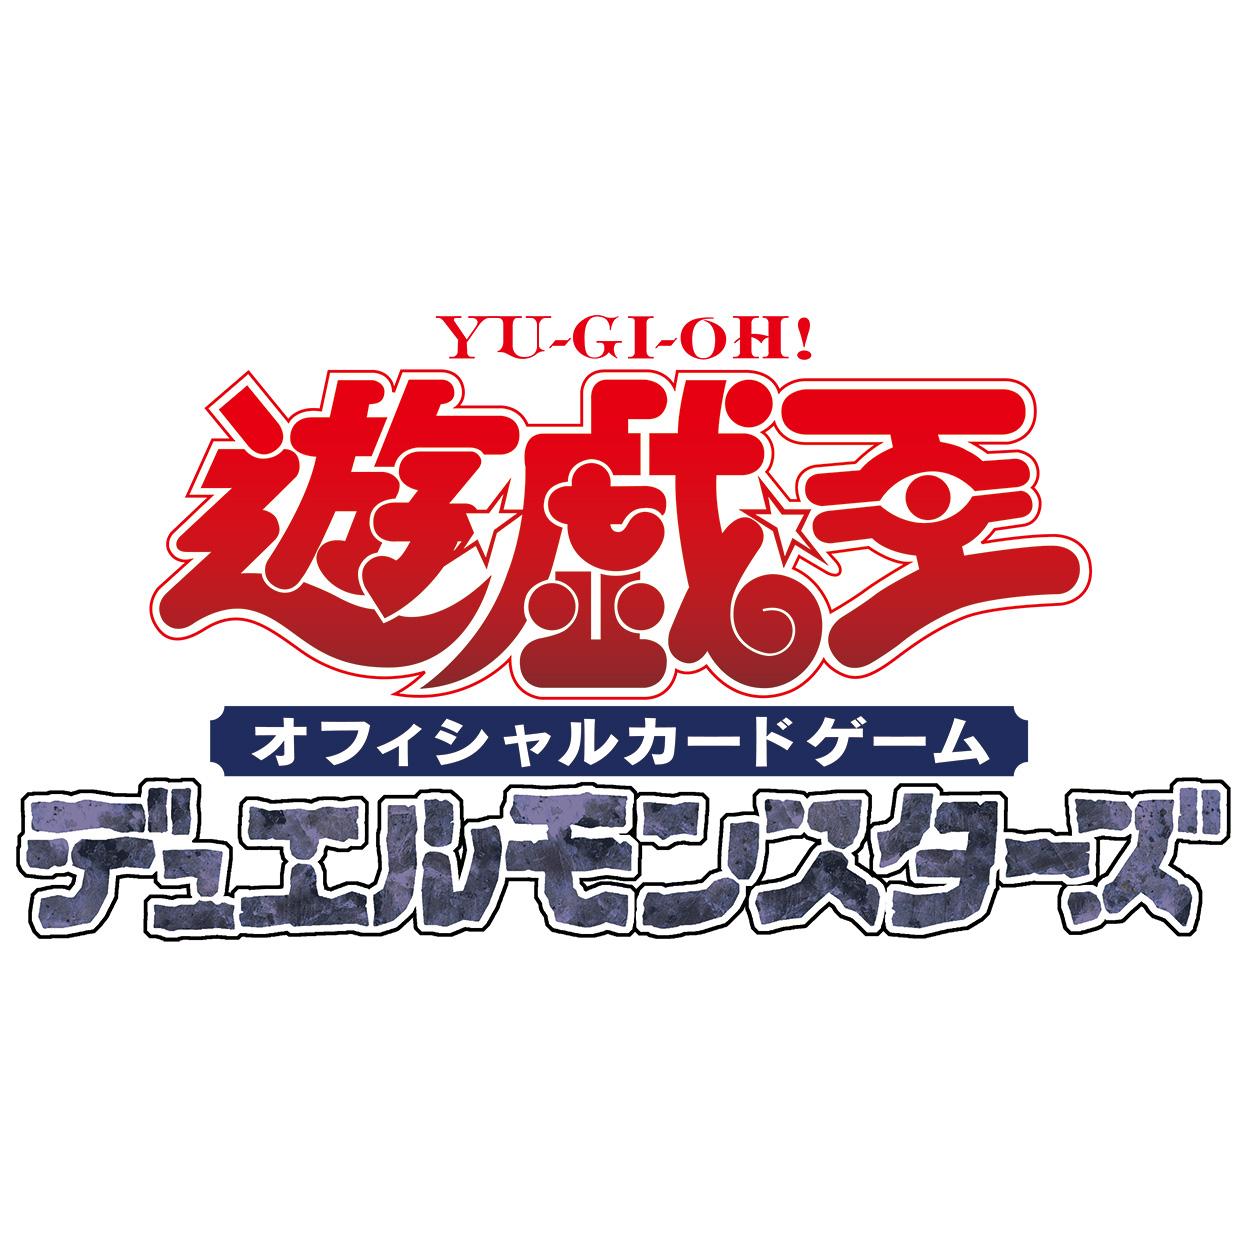 遊戯王OCG デュエルモンスターズ『LEGENDARY GOLD BOX(レジェンダリー・ゴールド・ボックス)』トレカ-001